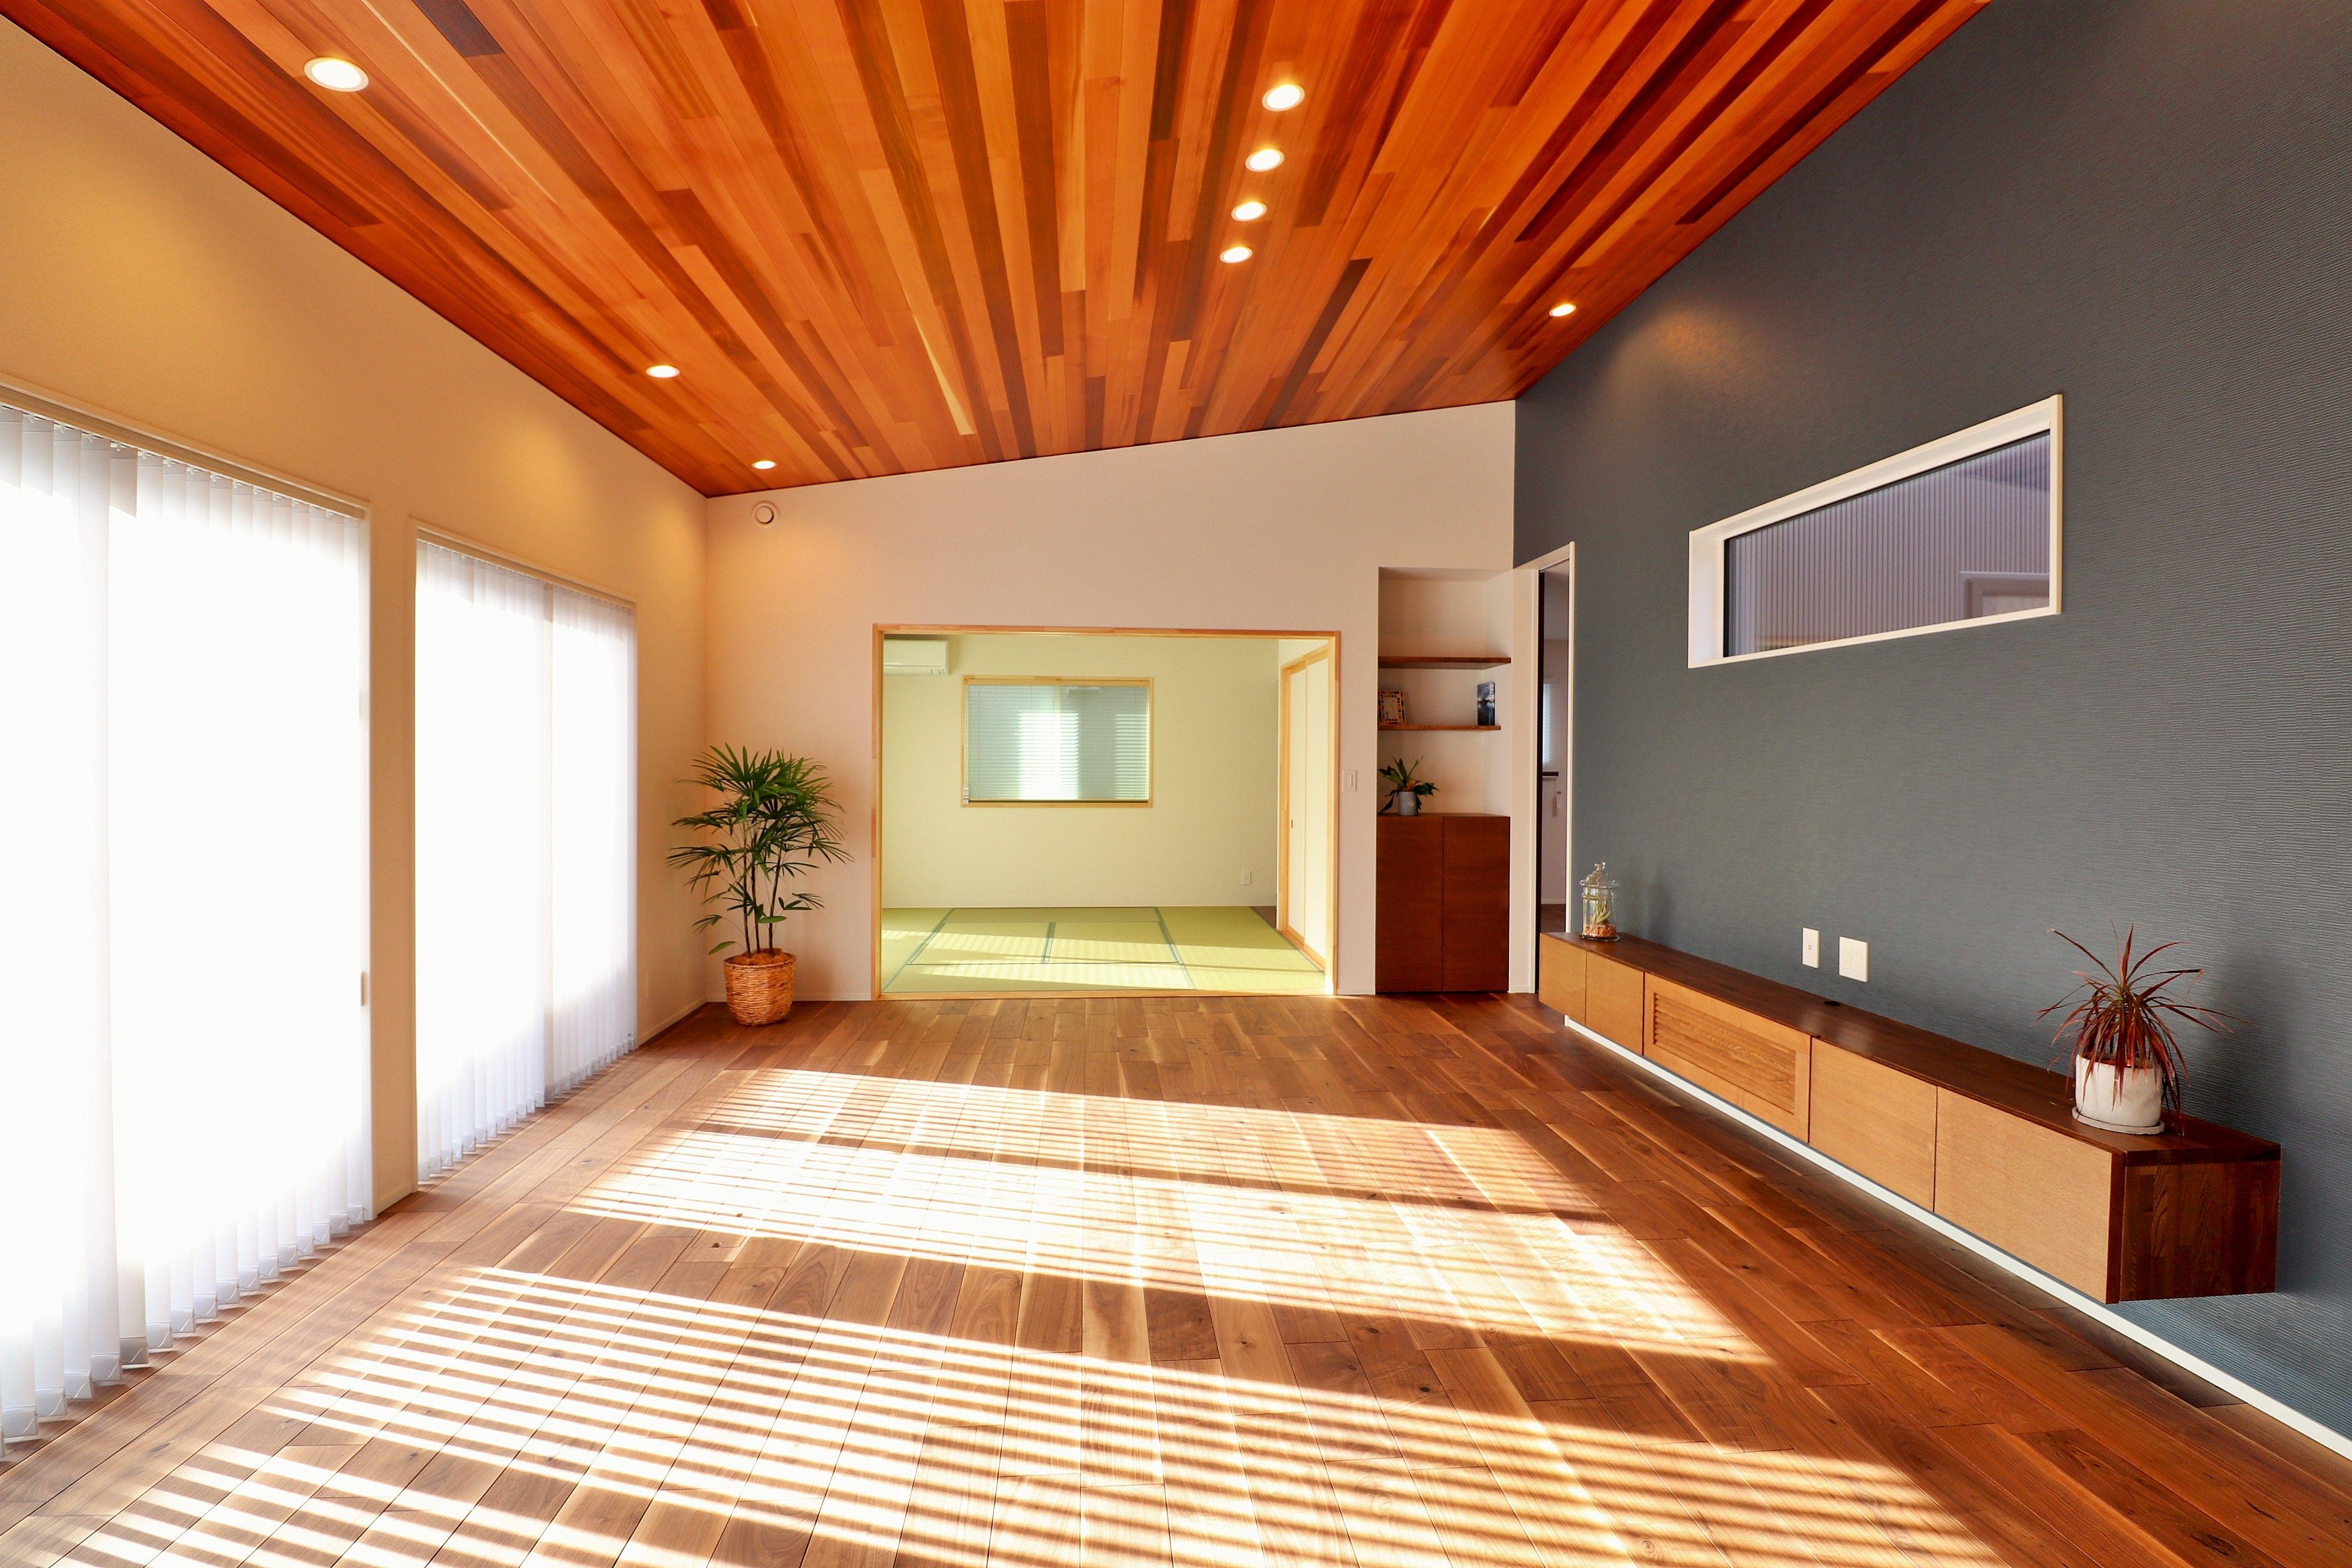 平屋ならではの天井の高さをいかした勾配天井は 空間にさらに広がりを